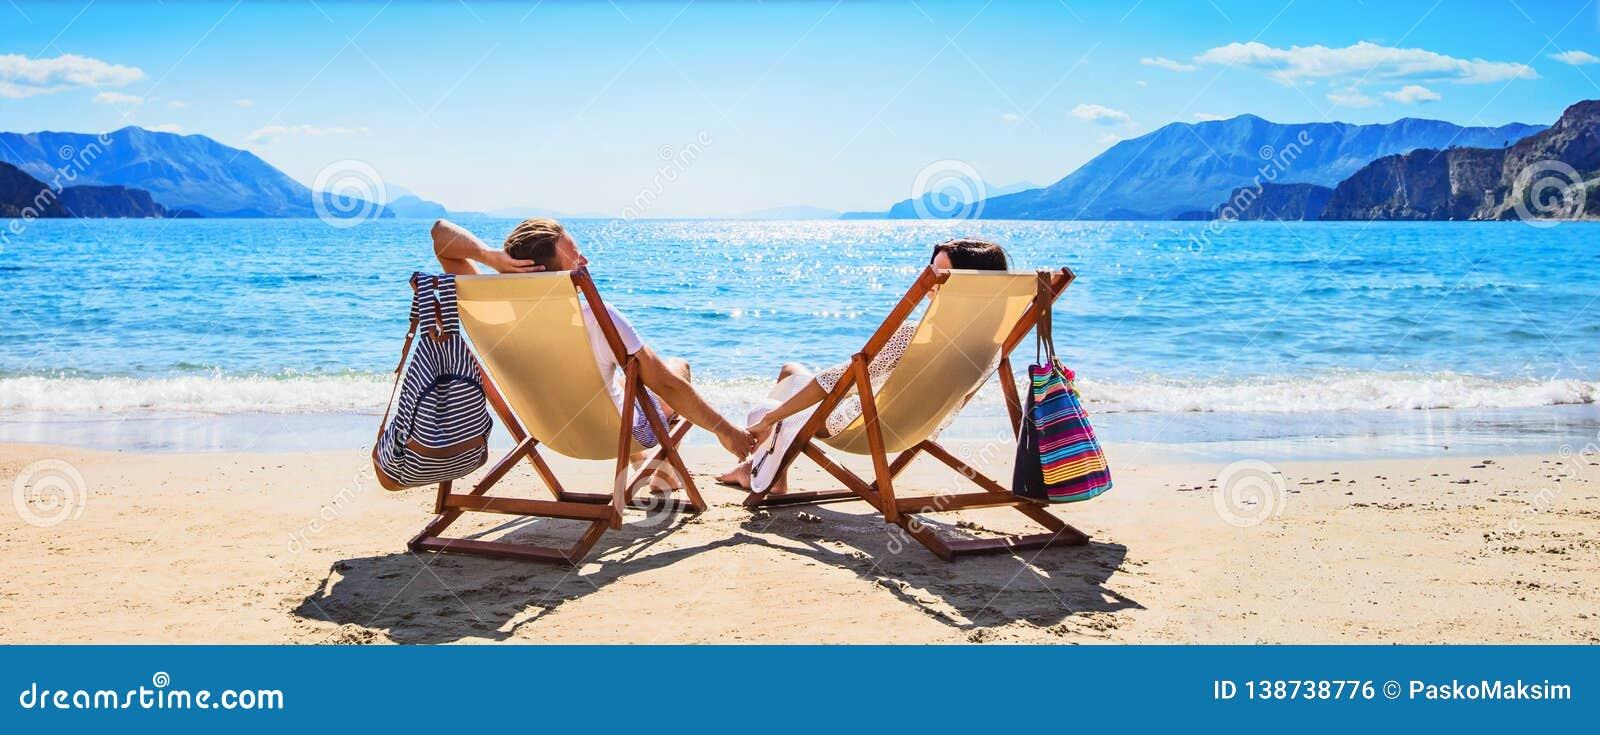 Coppie felici che si rilassano sulla spiaggia